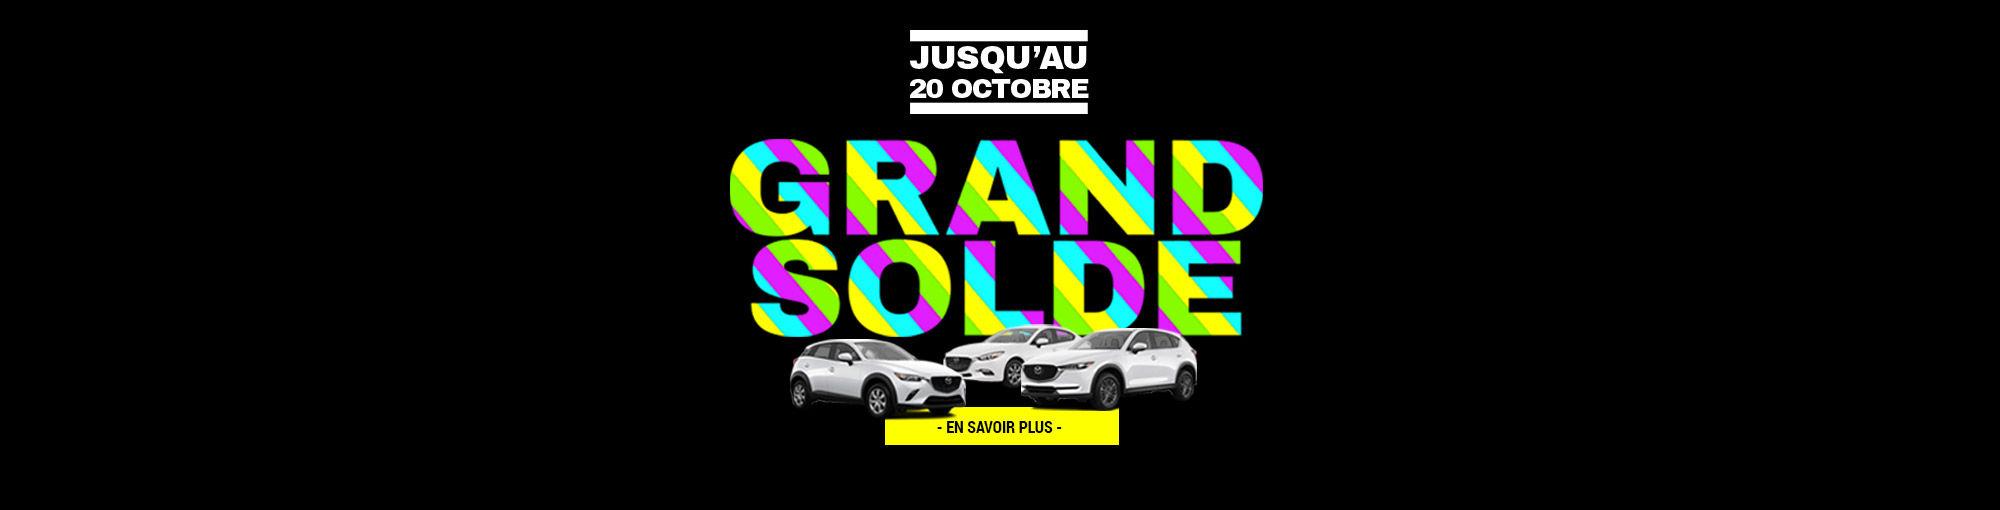 GRAND SOLDE AUTOMNE 2018 GROUPE VINCENT header Mazda_1